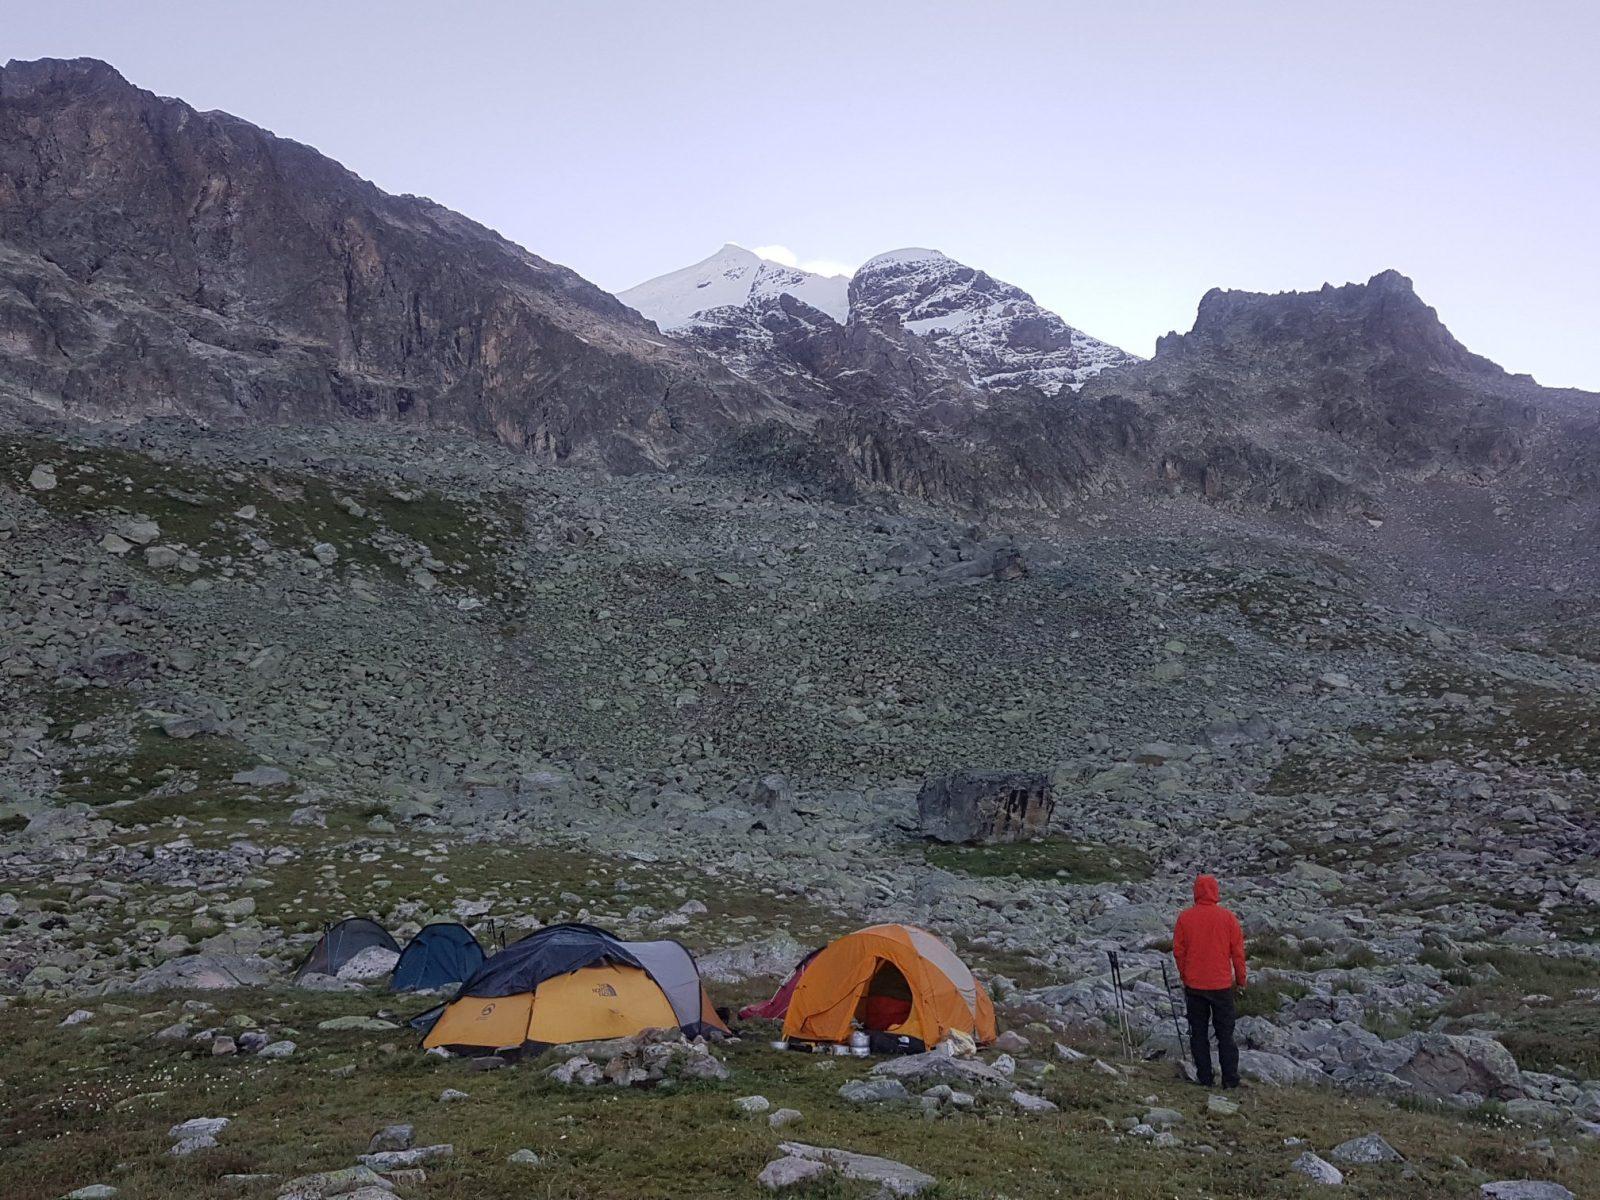 ikinci gün kamp alanı